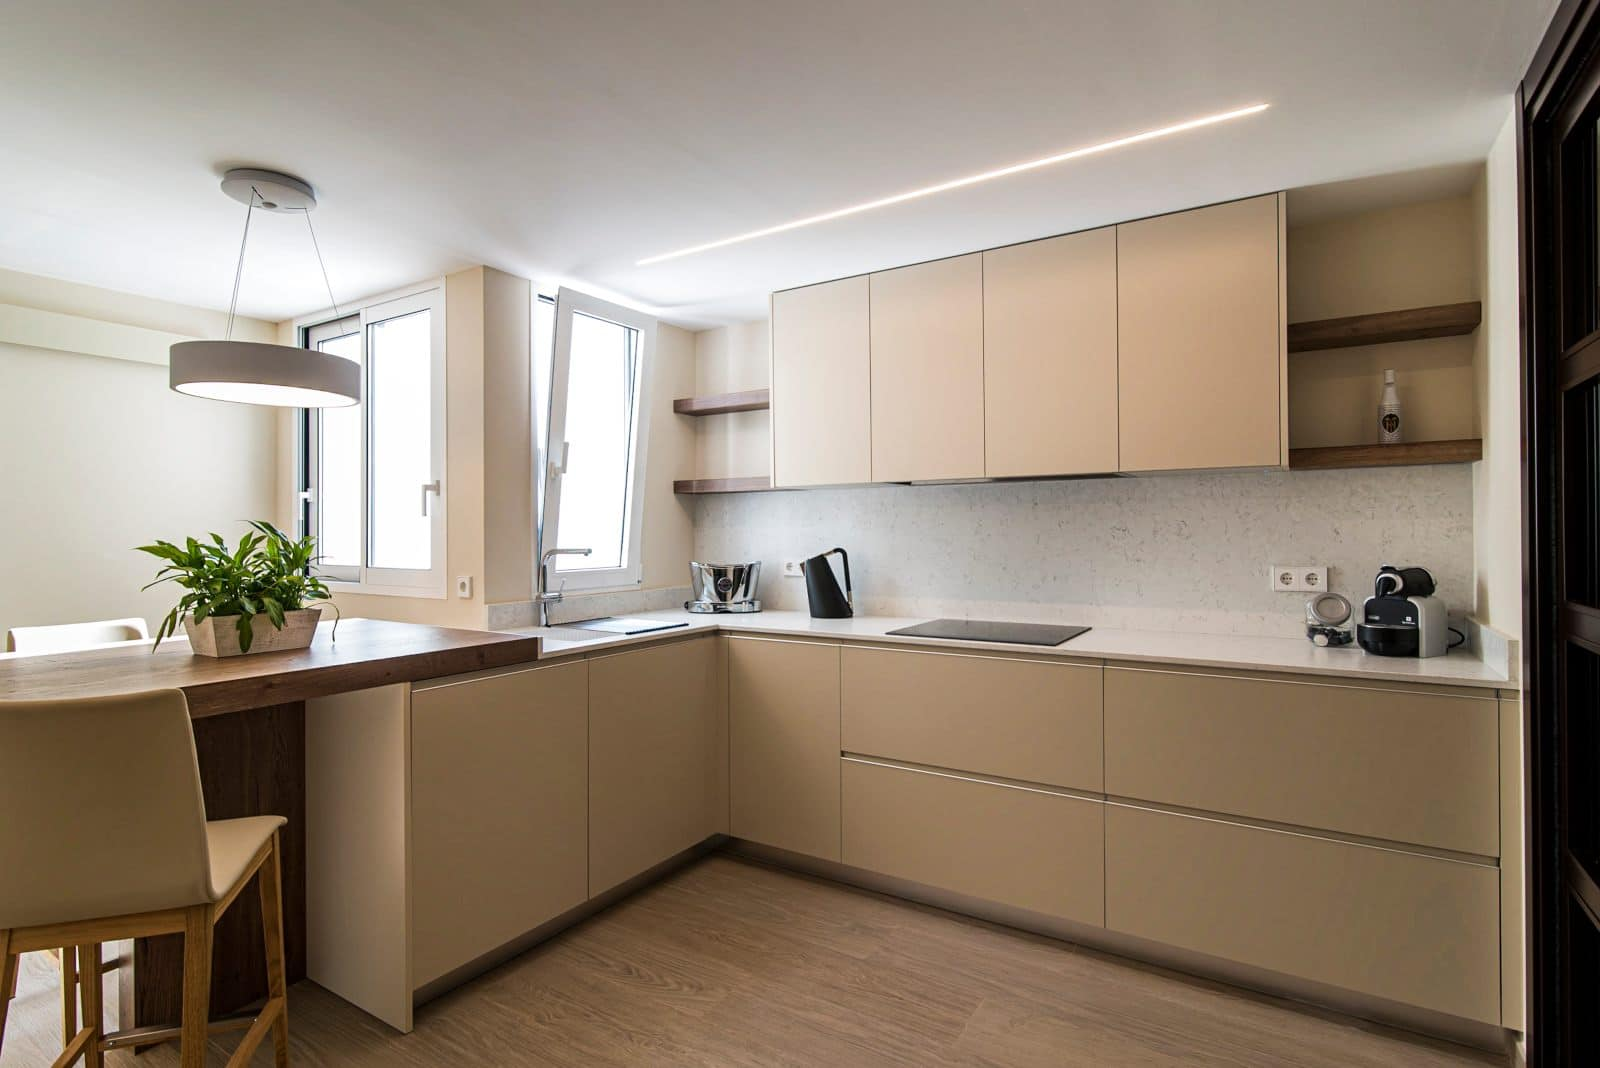 diseño de cocina con península y muebles de cocina